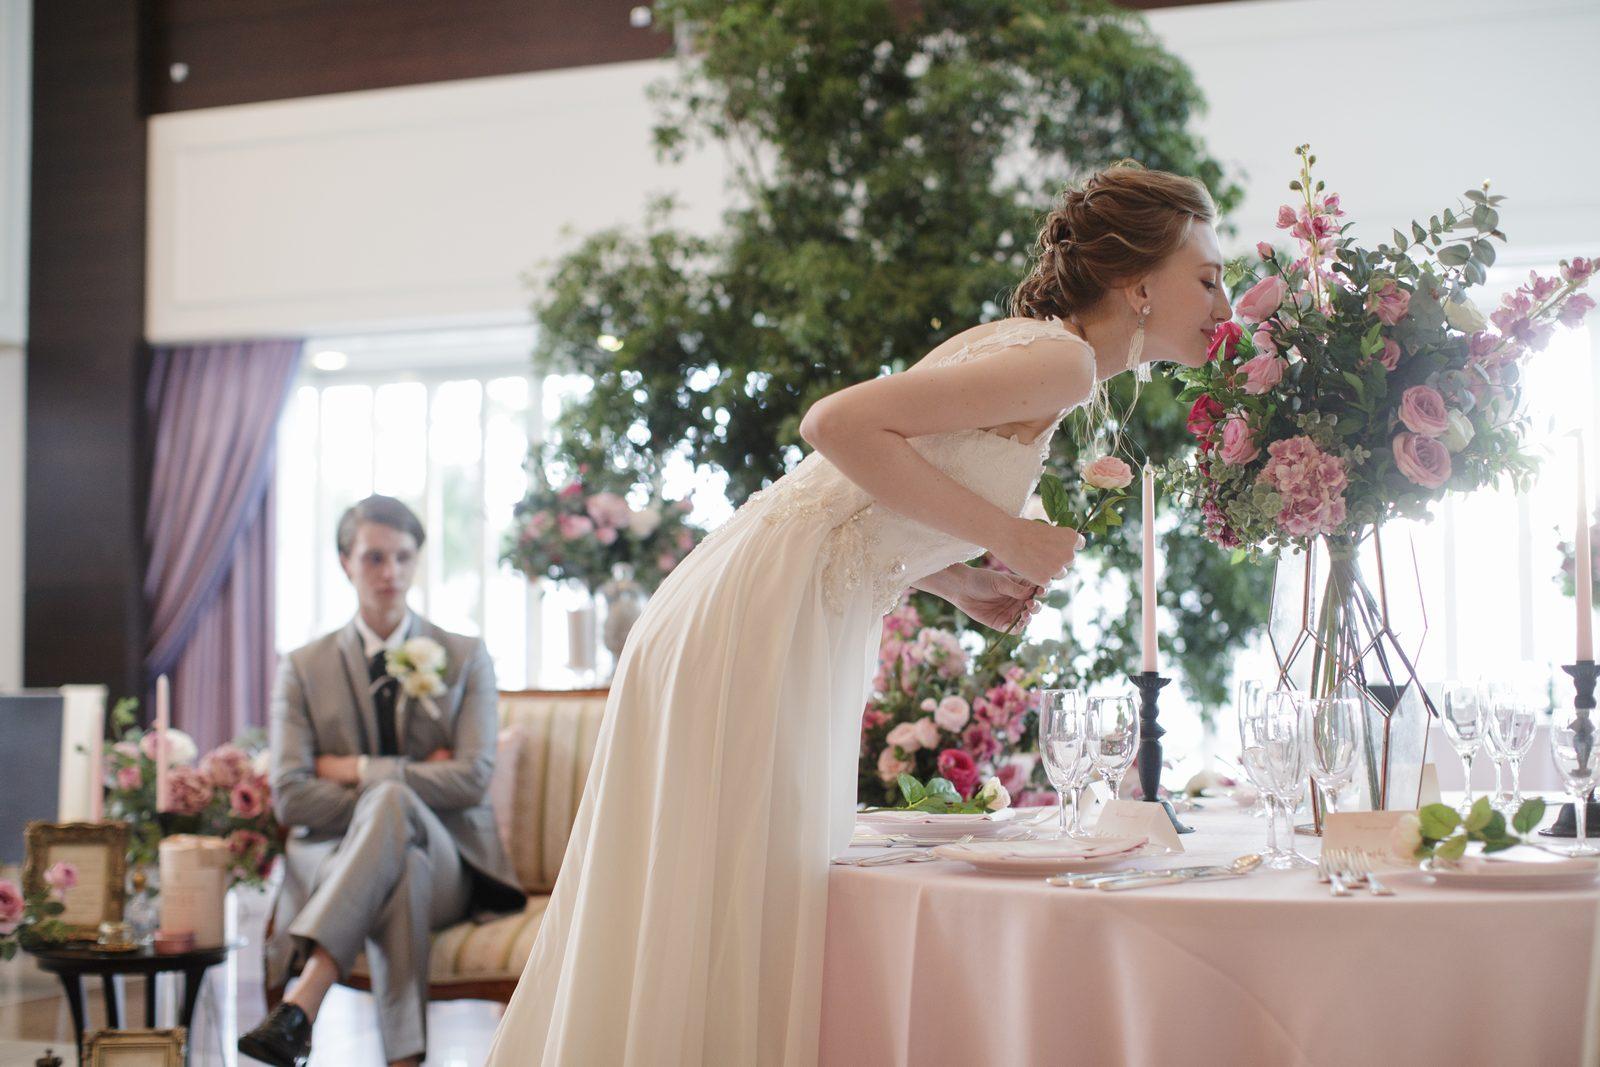 香川県の結婚式場シェルエメール&アイスタイルのスイートLのテーブルコーディネート